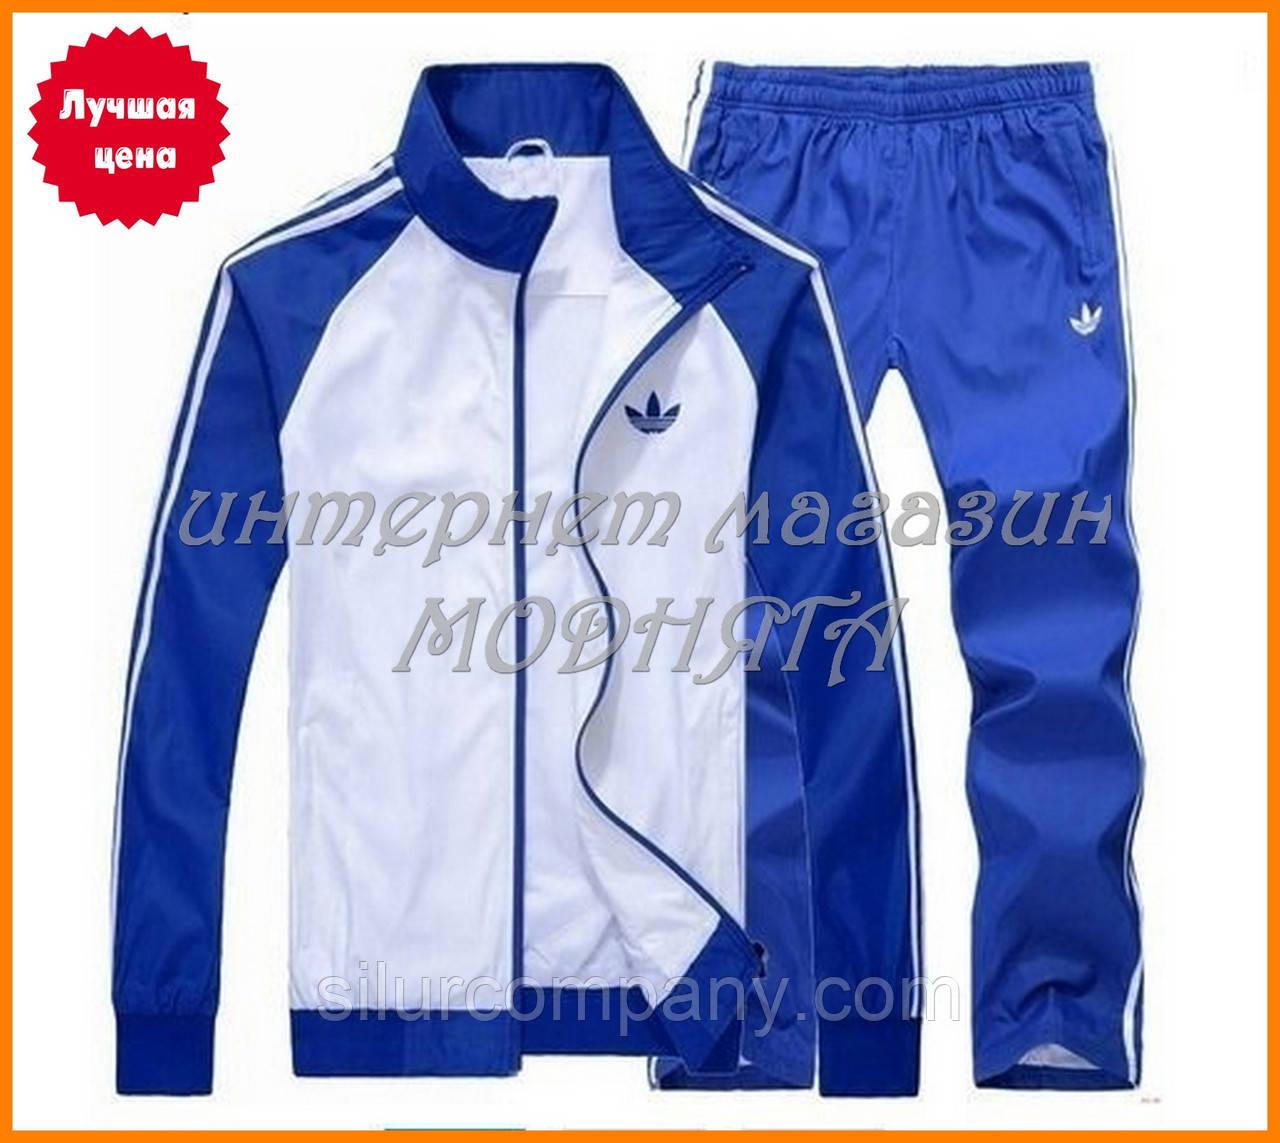 5322c59a83a0 Детский спортивный костюм для подростка интернет-магазин - Интернет магазин